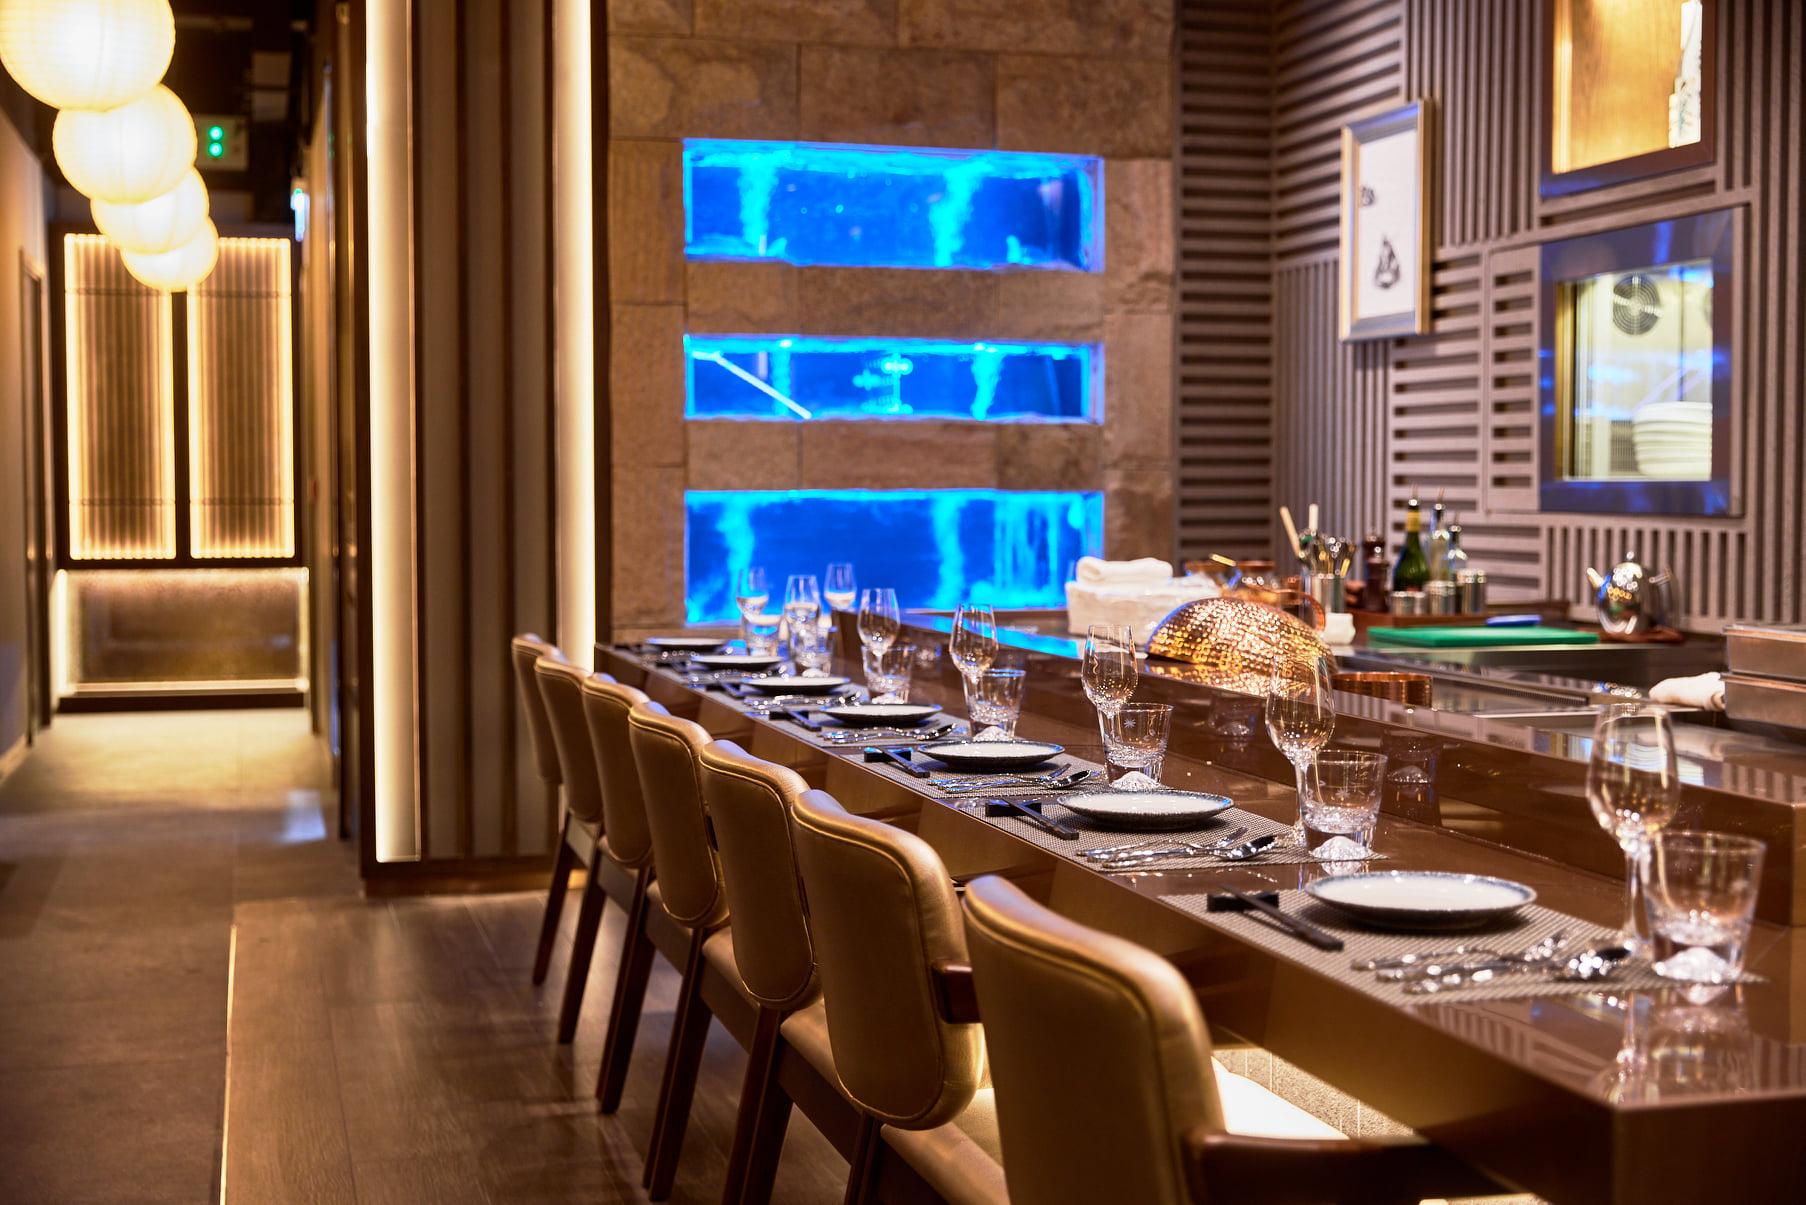 Japanese restaurants in Tseung Kwan O